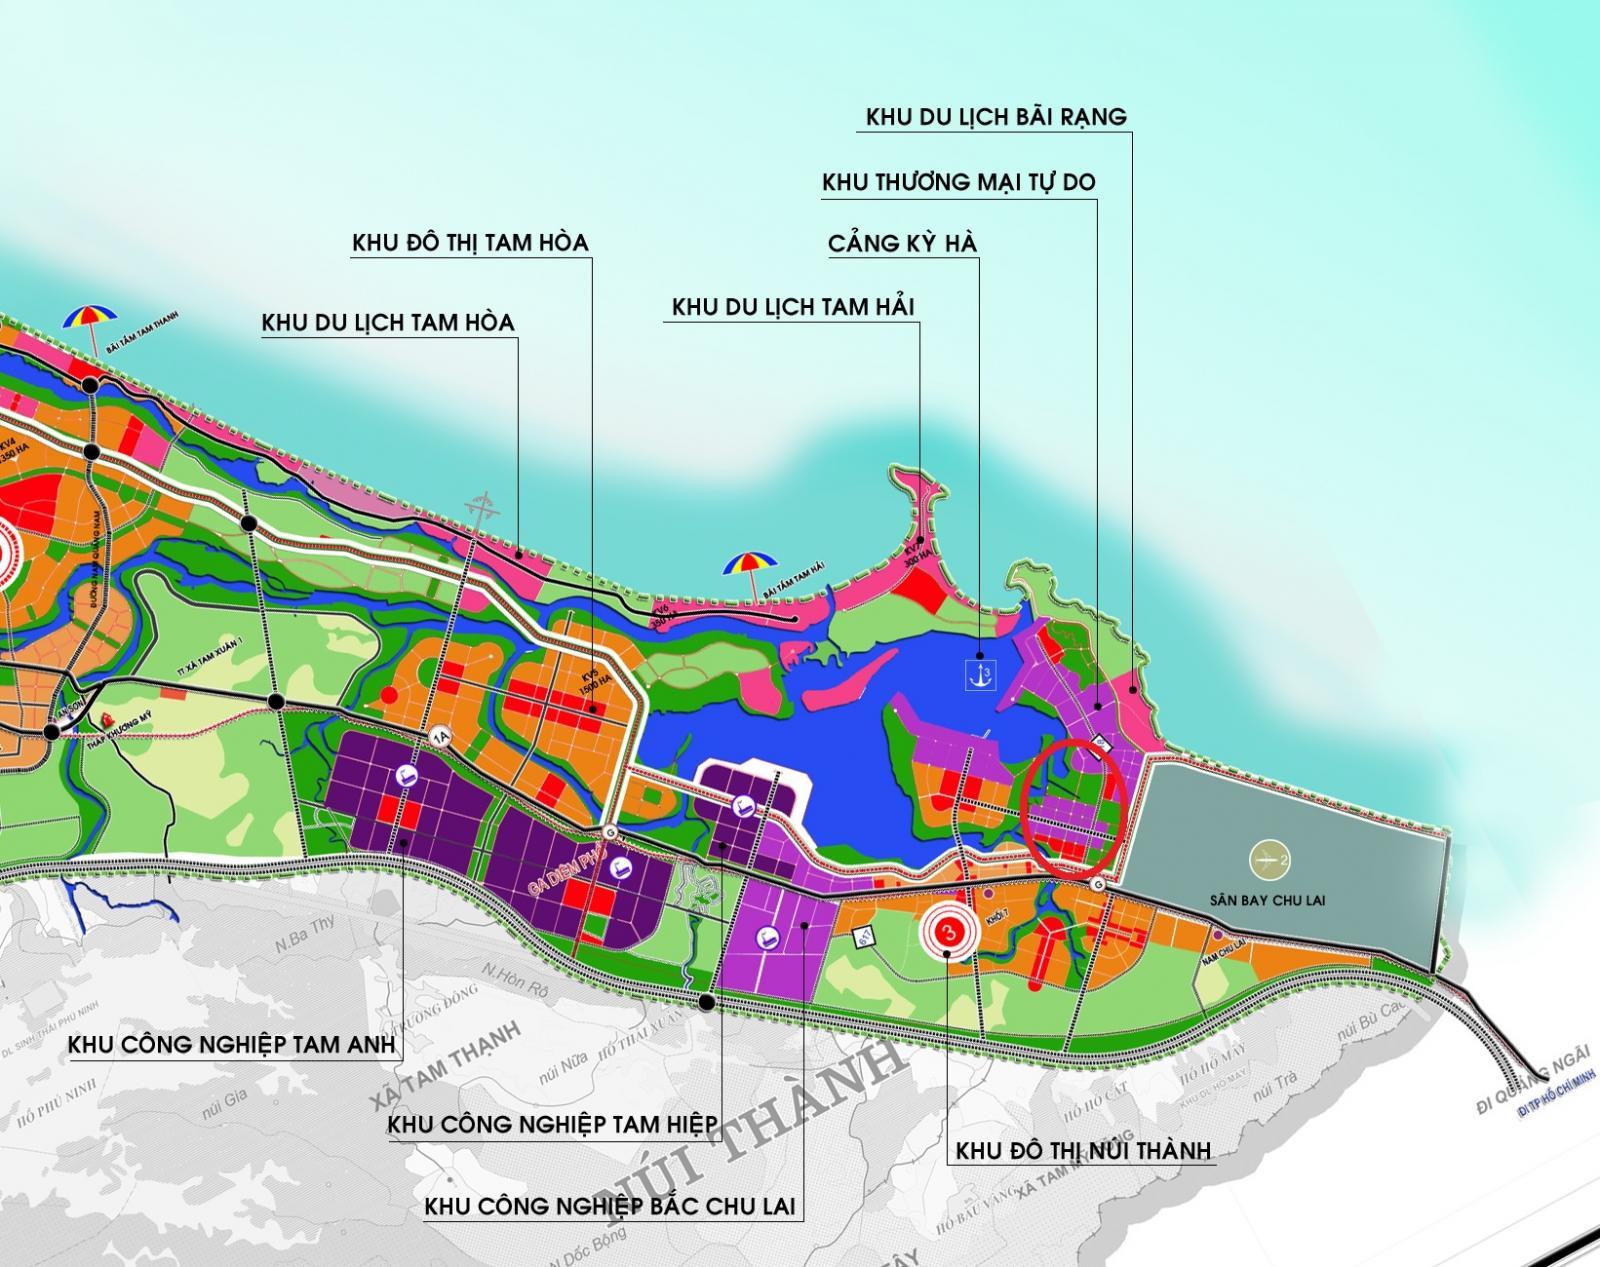 Quảng Nam duyệt quy hoạch Khu đô thị Tây Bắc sân bay Chu Lai tỷ lệ 1/2.000